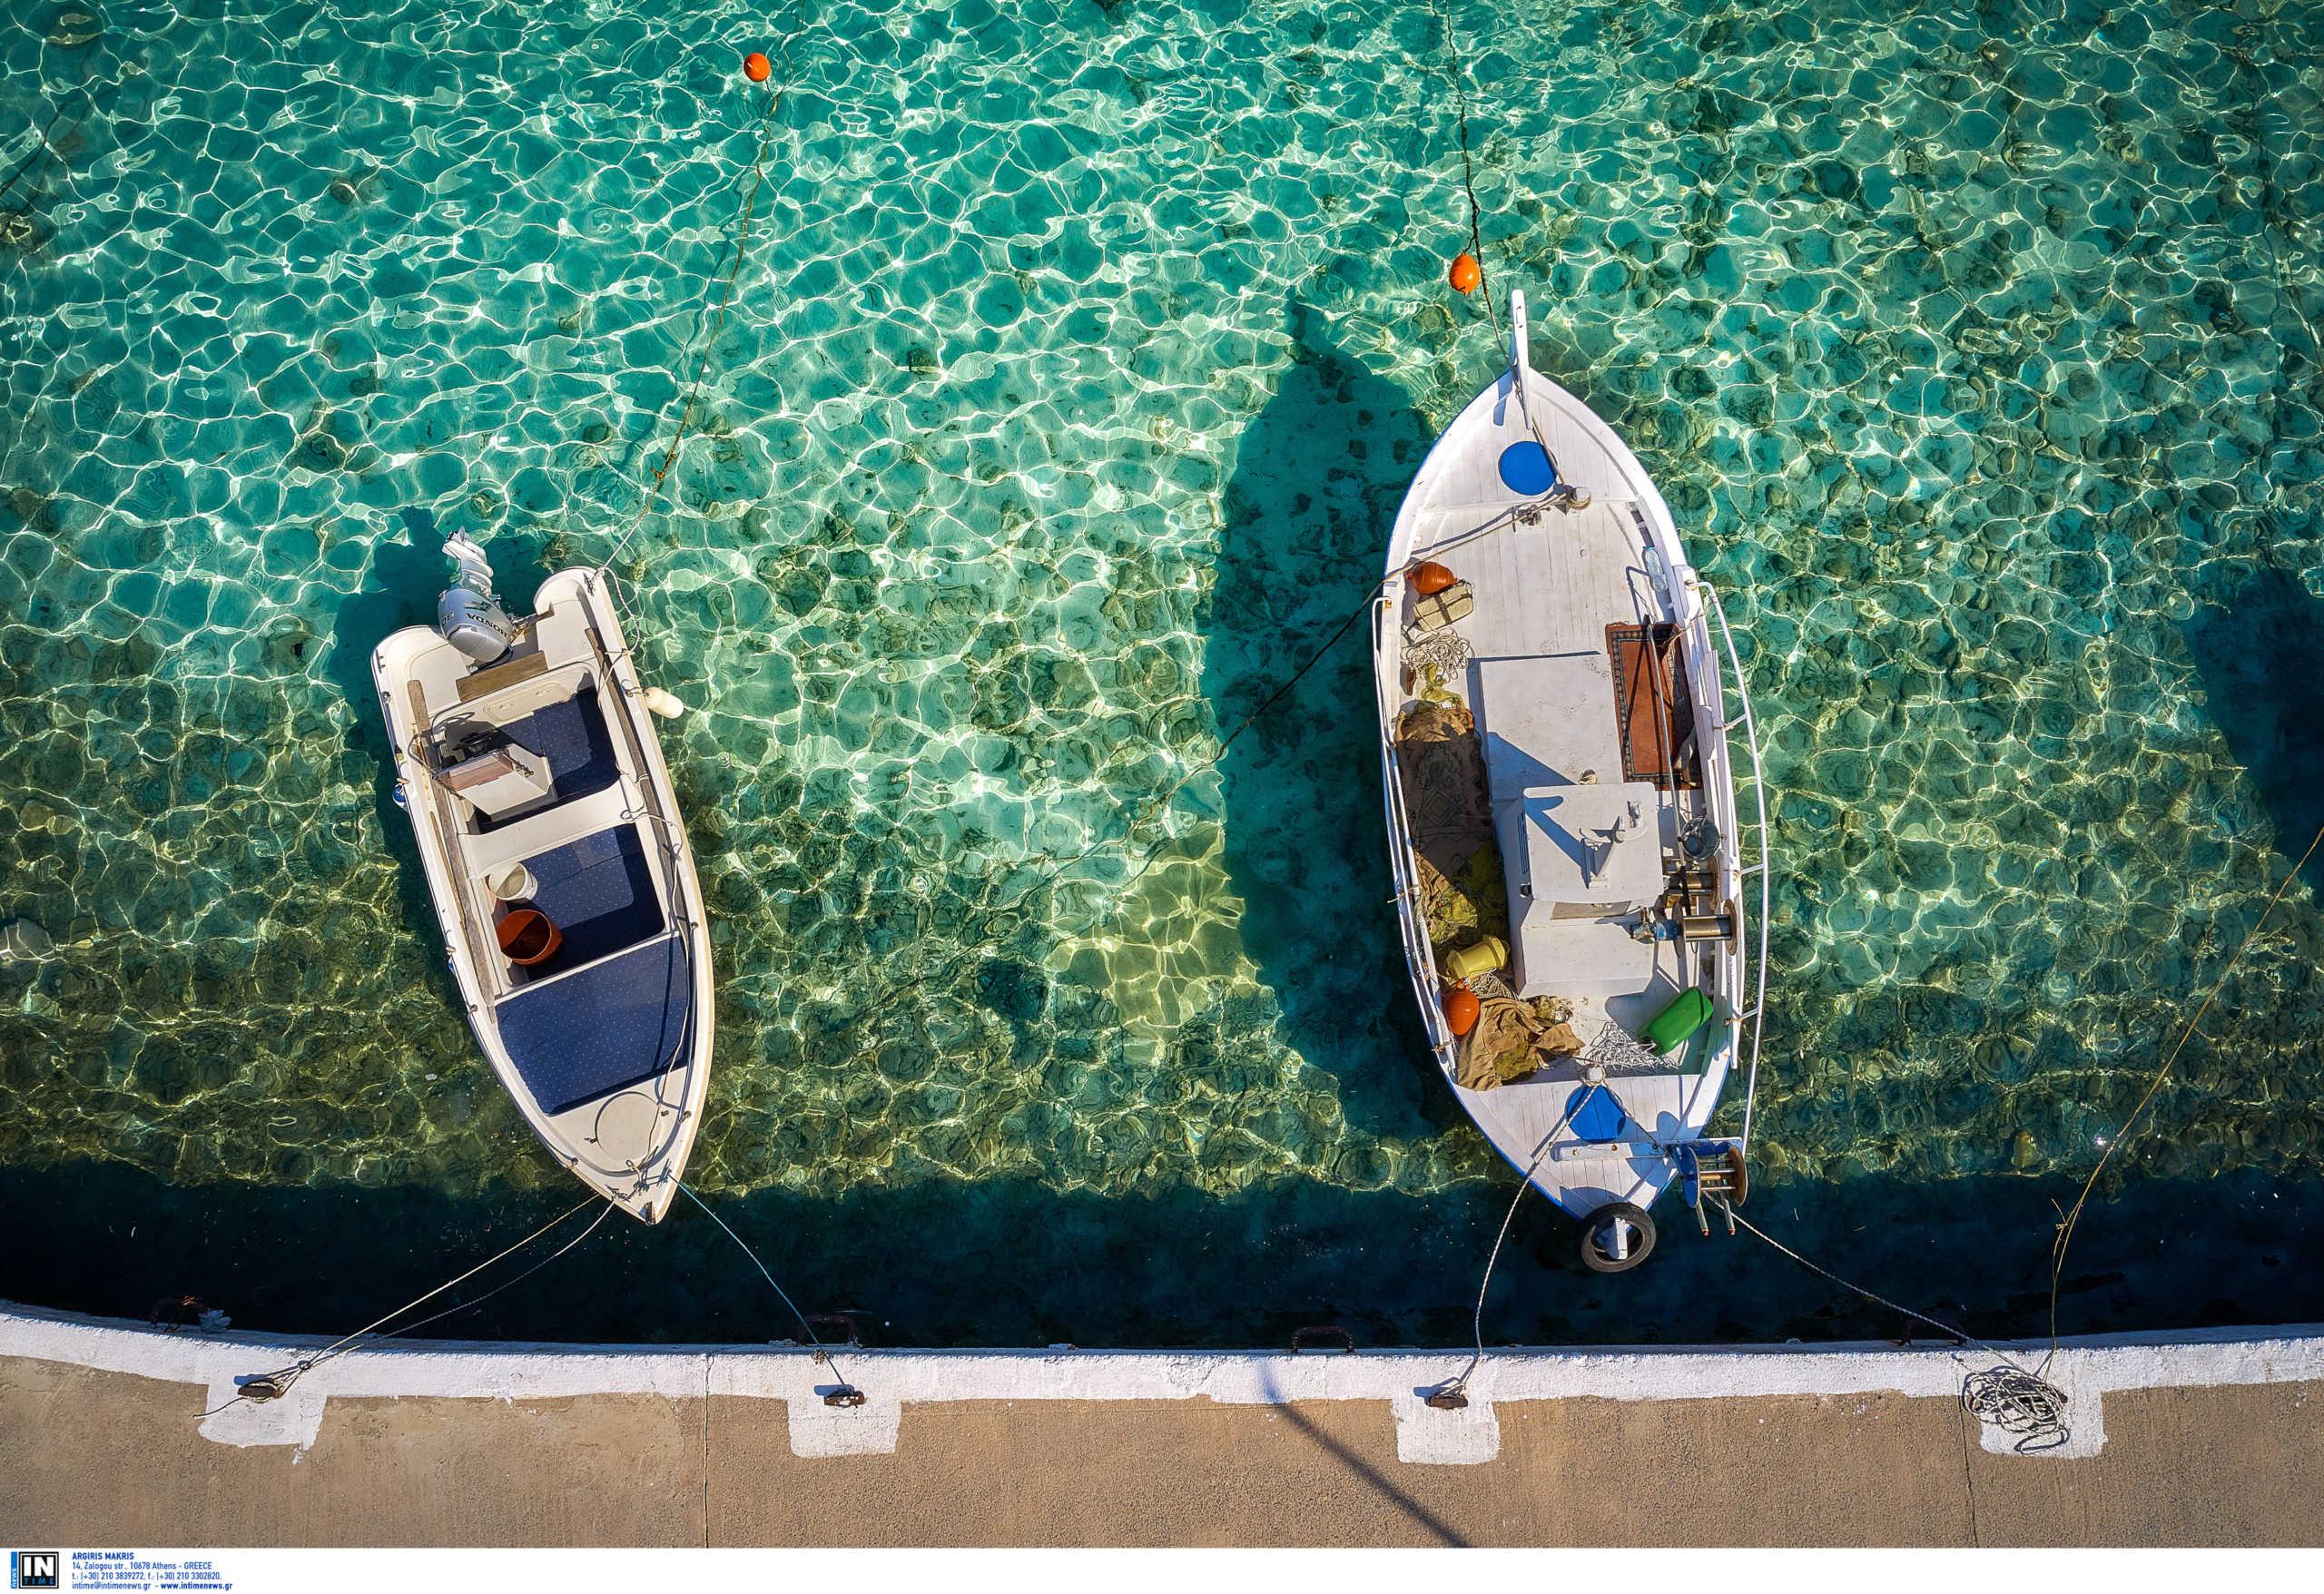 Τα «απόνερα» της βρετανικής καραντίνας – Κλείνουν πρόωρα χιλιάδες ξενοδοχεία στην Ελλάδα